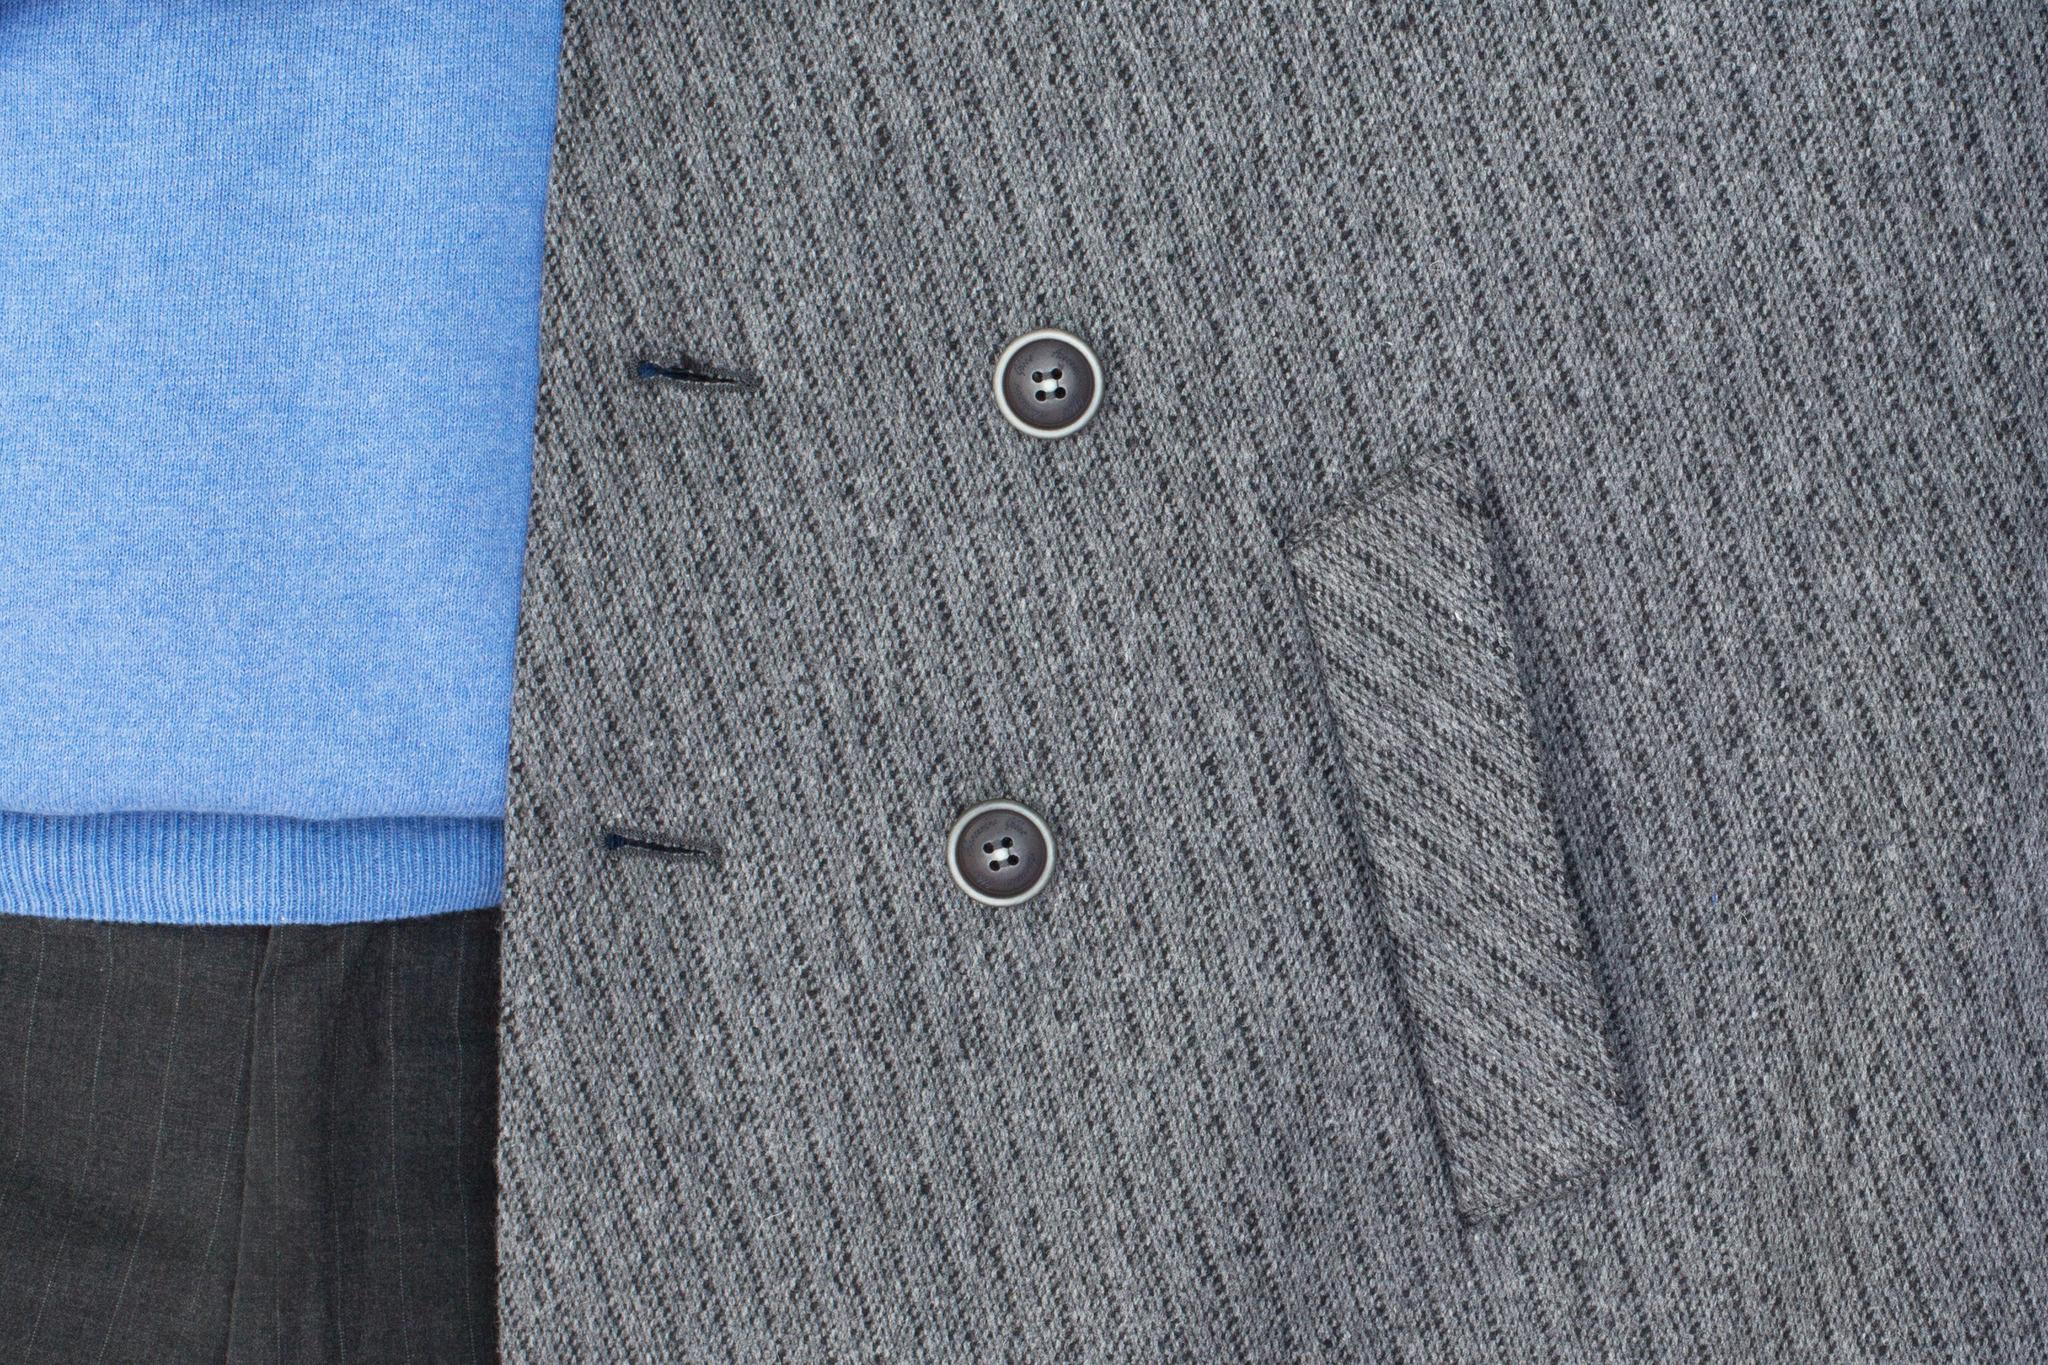 Серый короткий бушлат в полоску из смеси шерсти, хлопка и синтетики, накладной карман